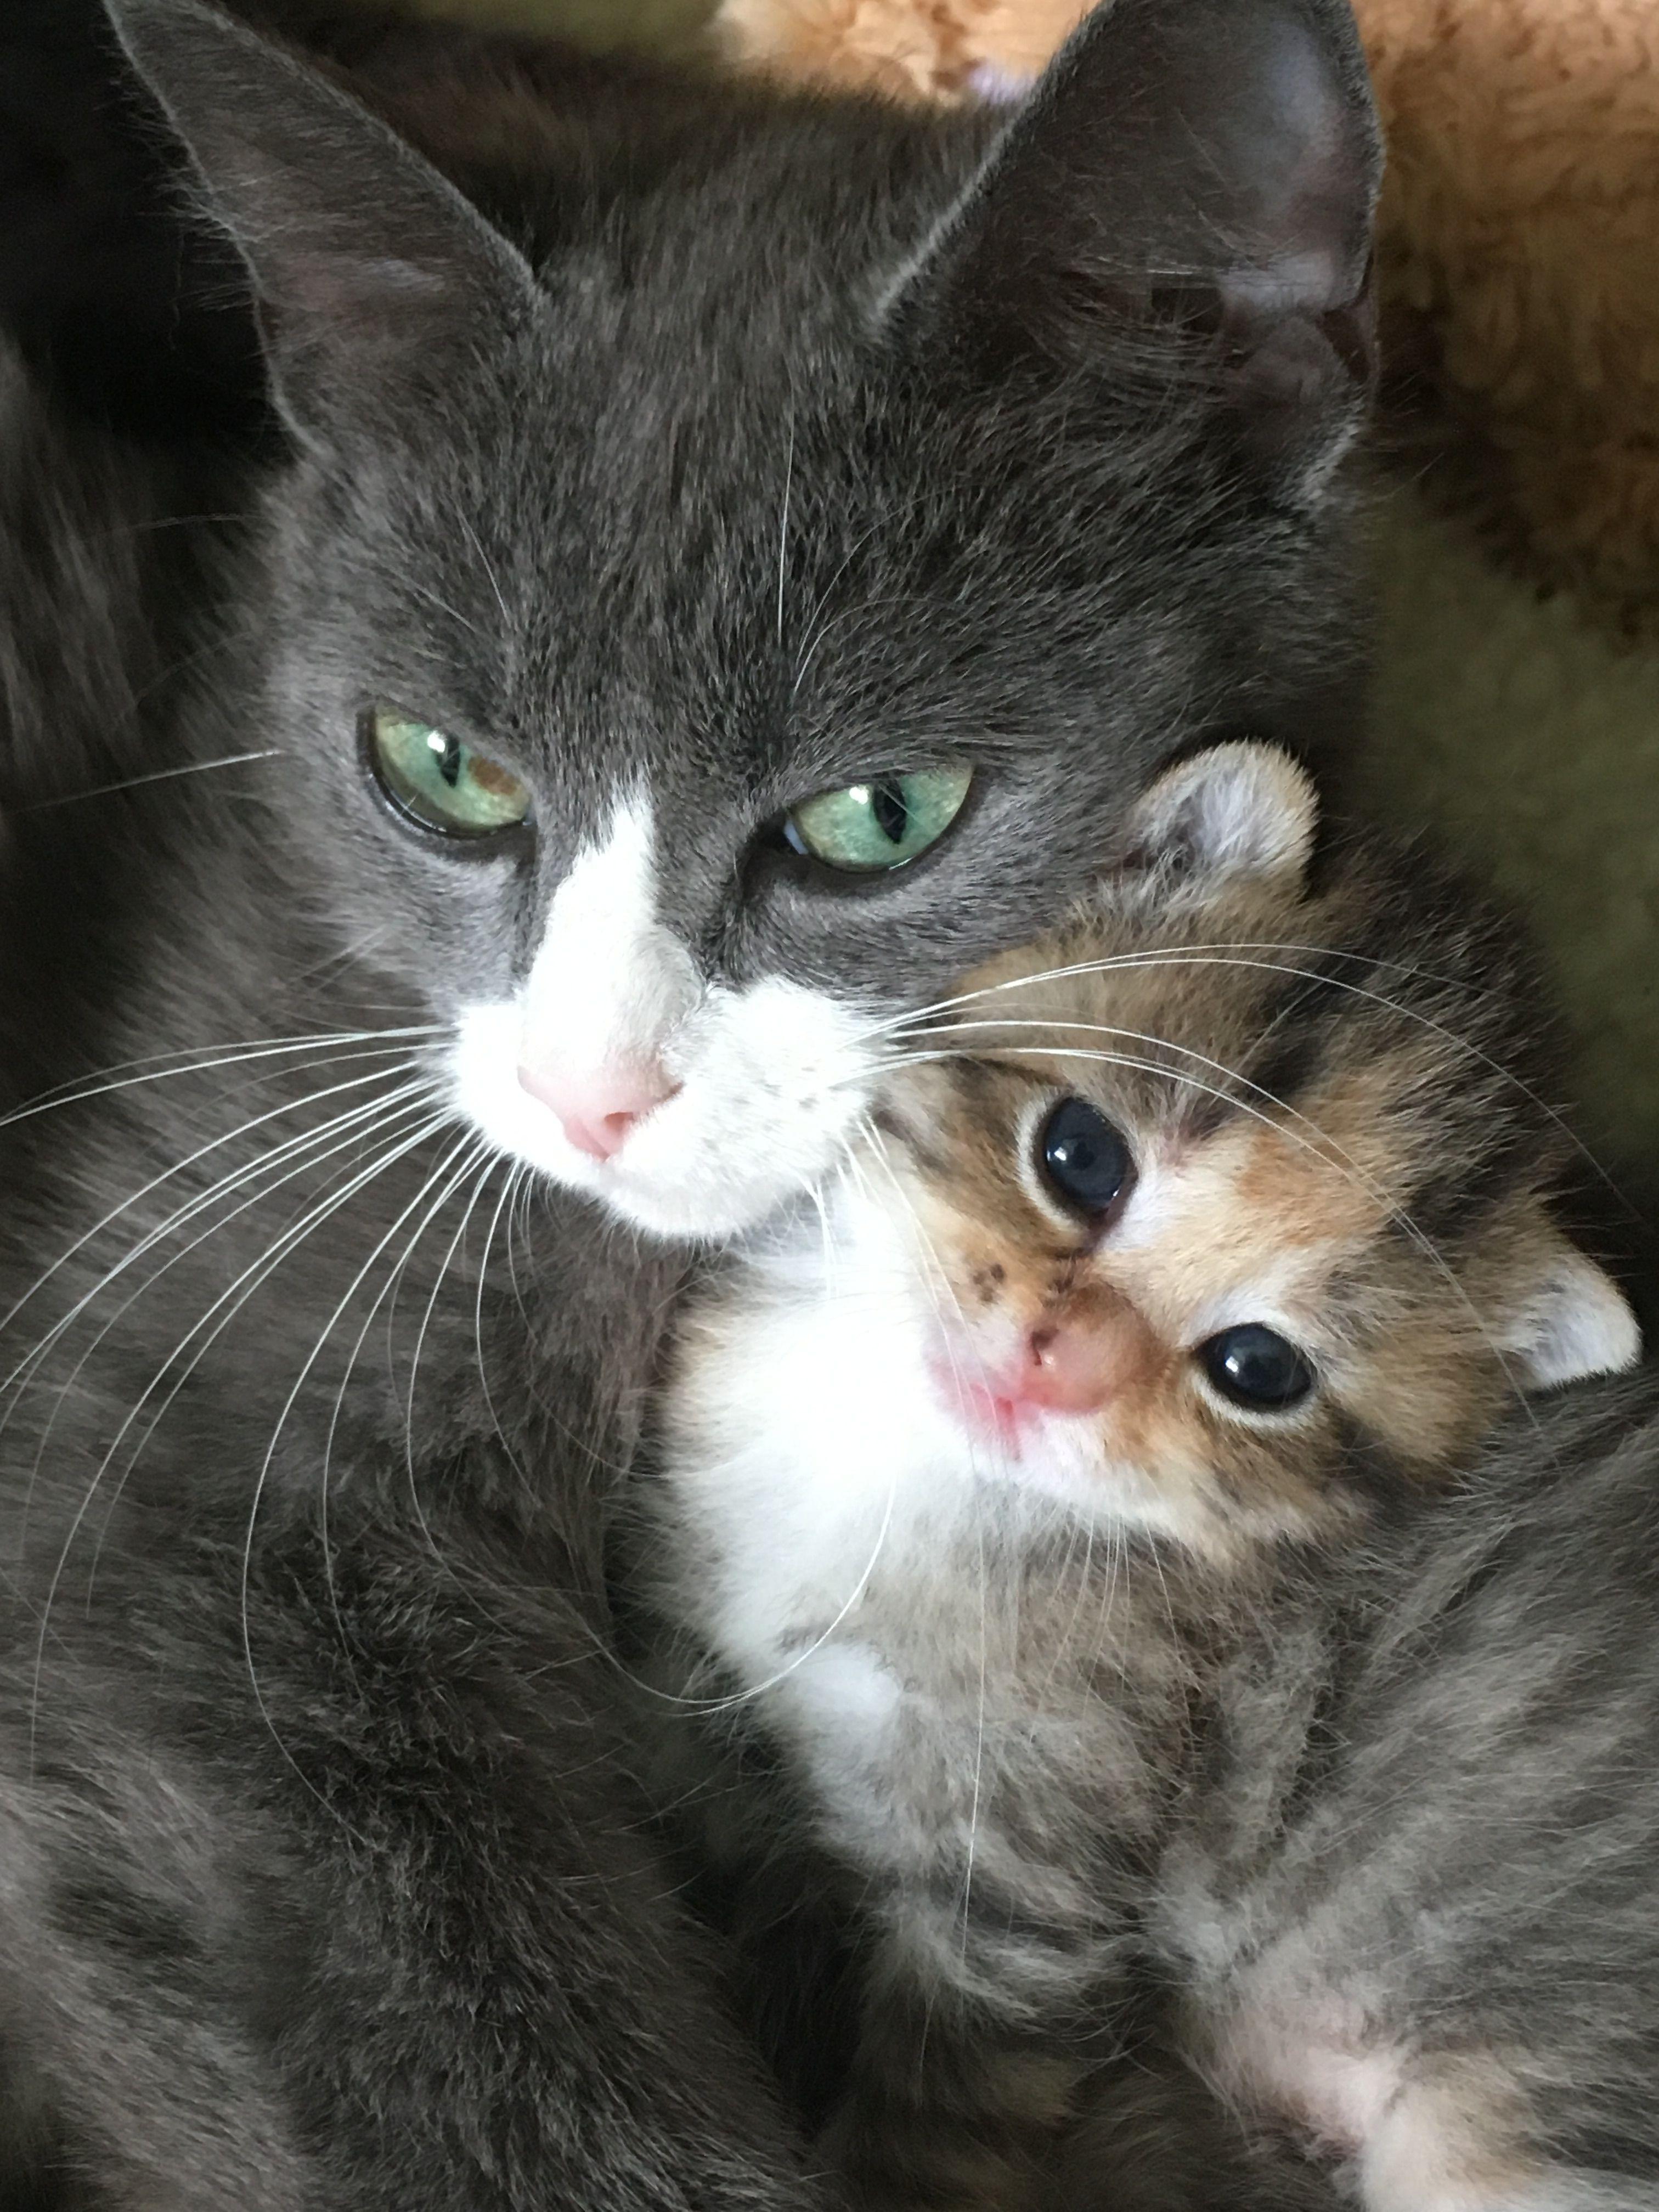 Mothercat Bibi and kitten Lara Dierenasiel Zuidwolde